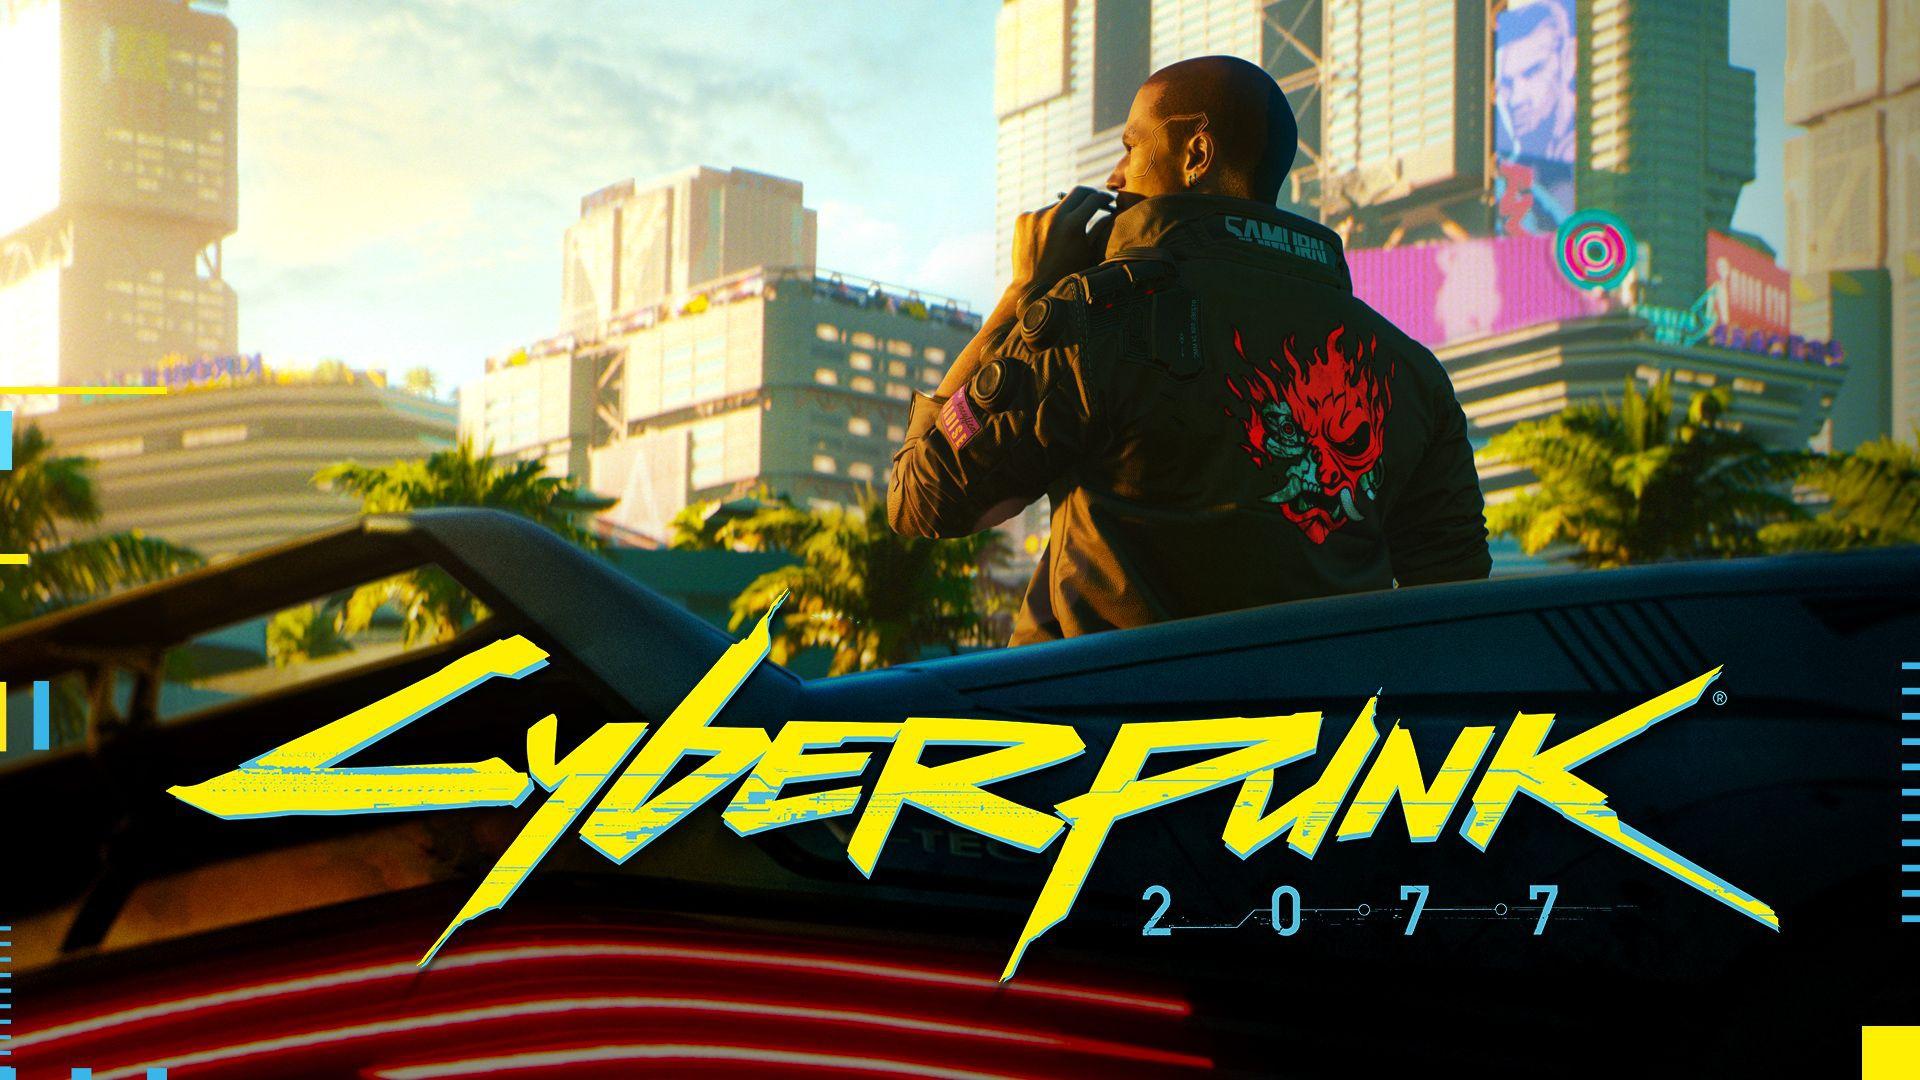 Cyberpunk 2077 - детали сюжета и новые скриншоты. . - Изображение 1